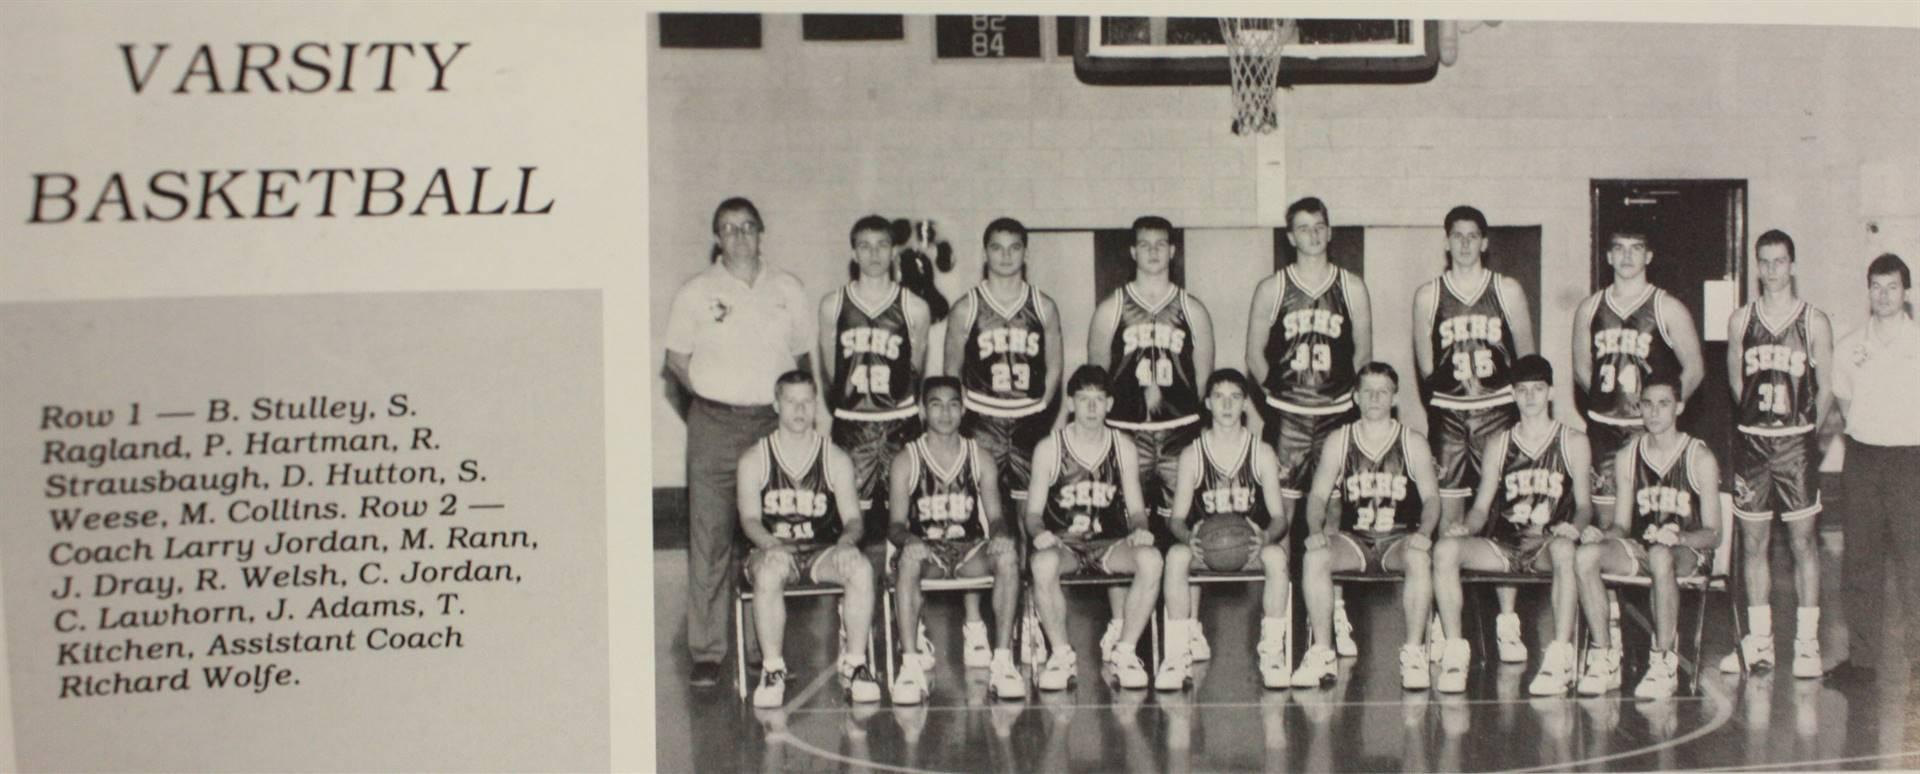 1991 Varsity Basketball